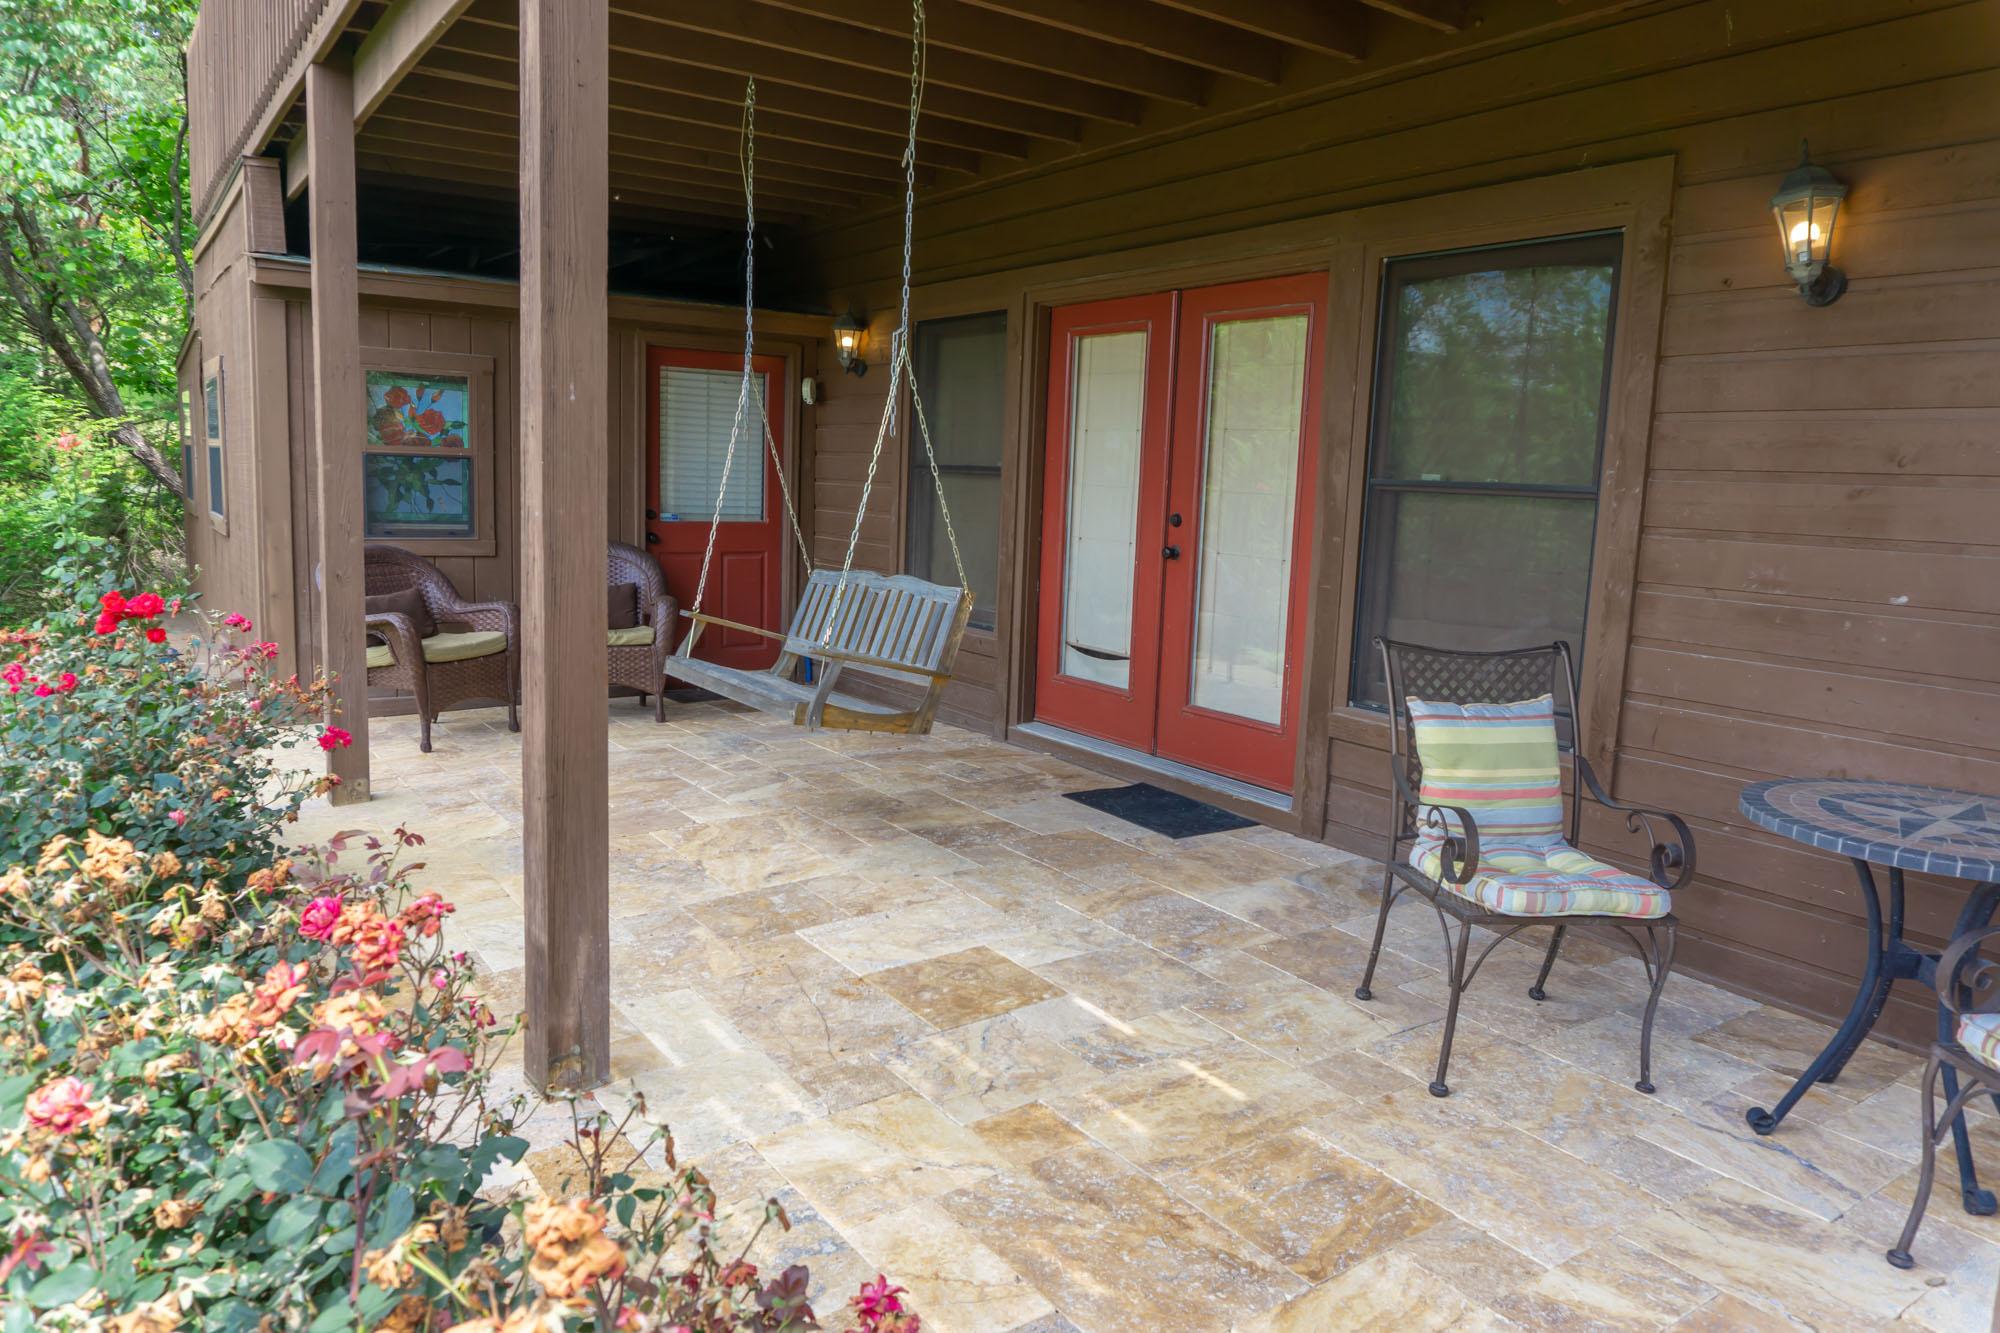 Smoky-Mountain-Splendor-patio-swing